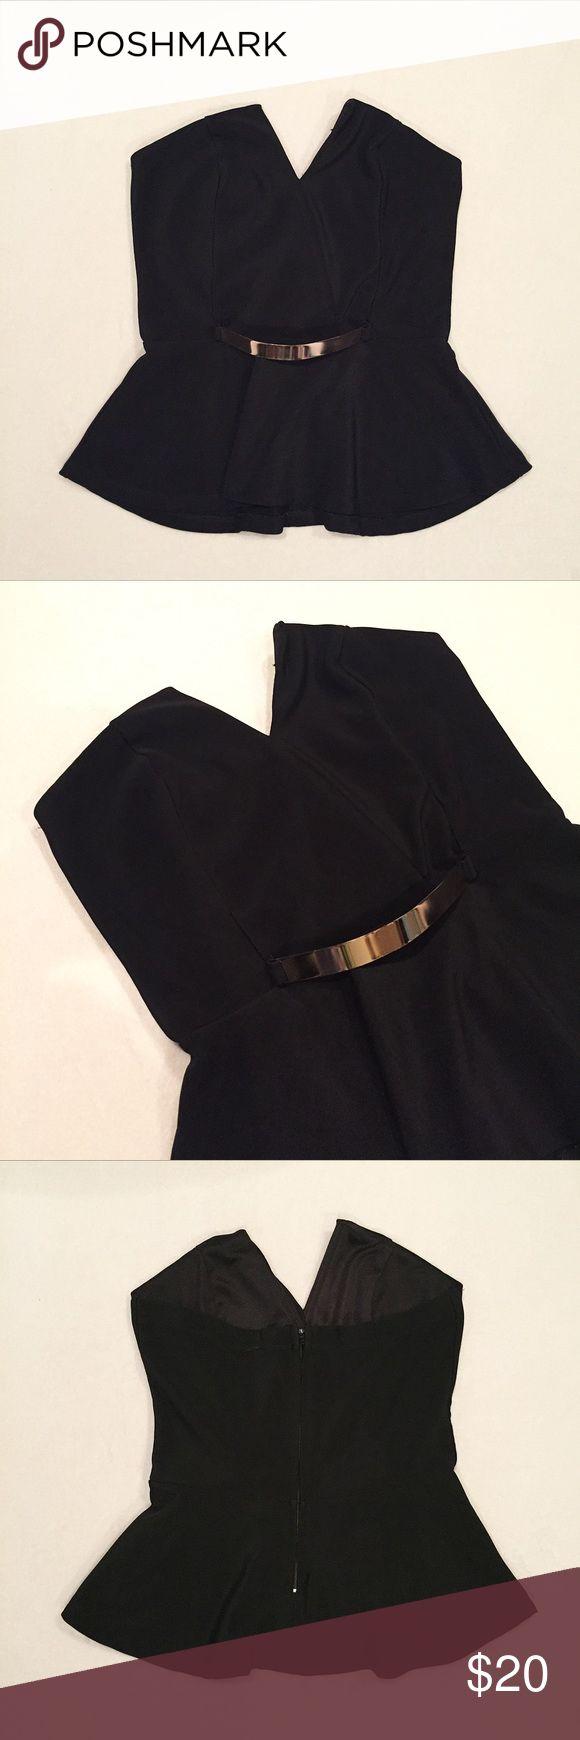 Black Peplum Top Black peplum top w/ zip closure. In excellent condition. Charlotte Russe Tops